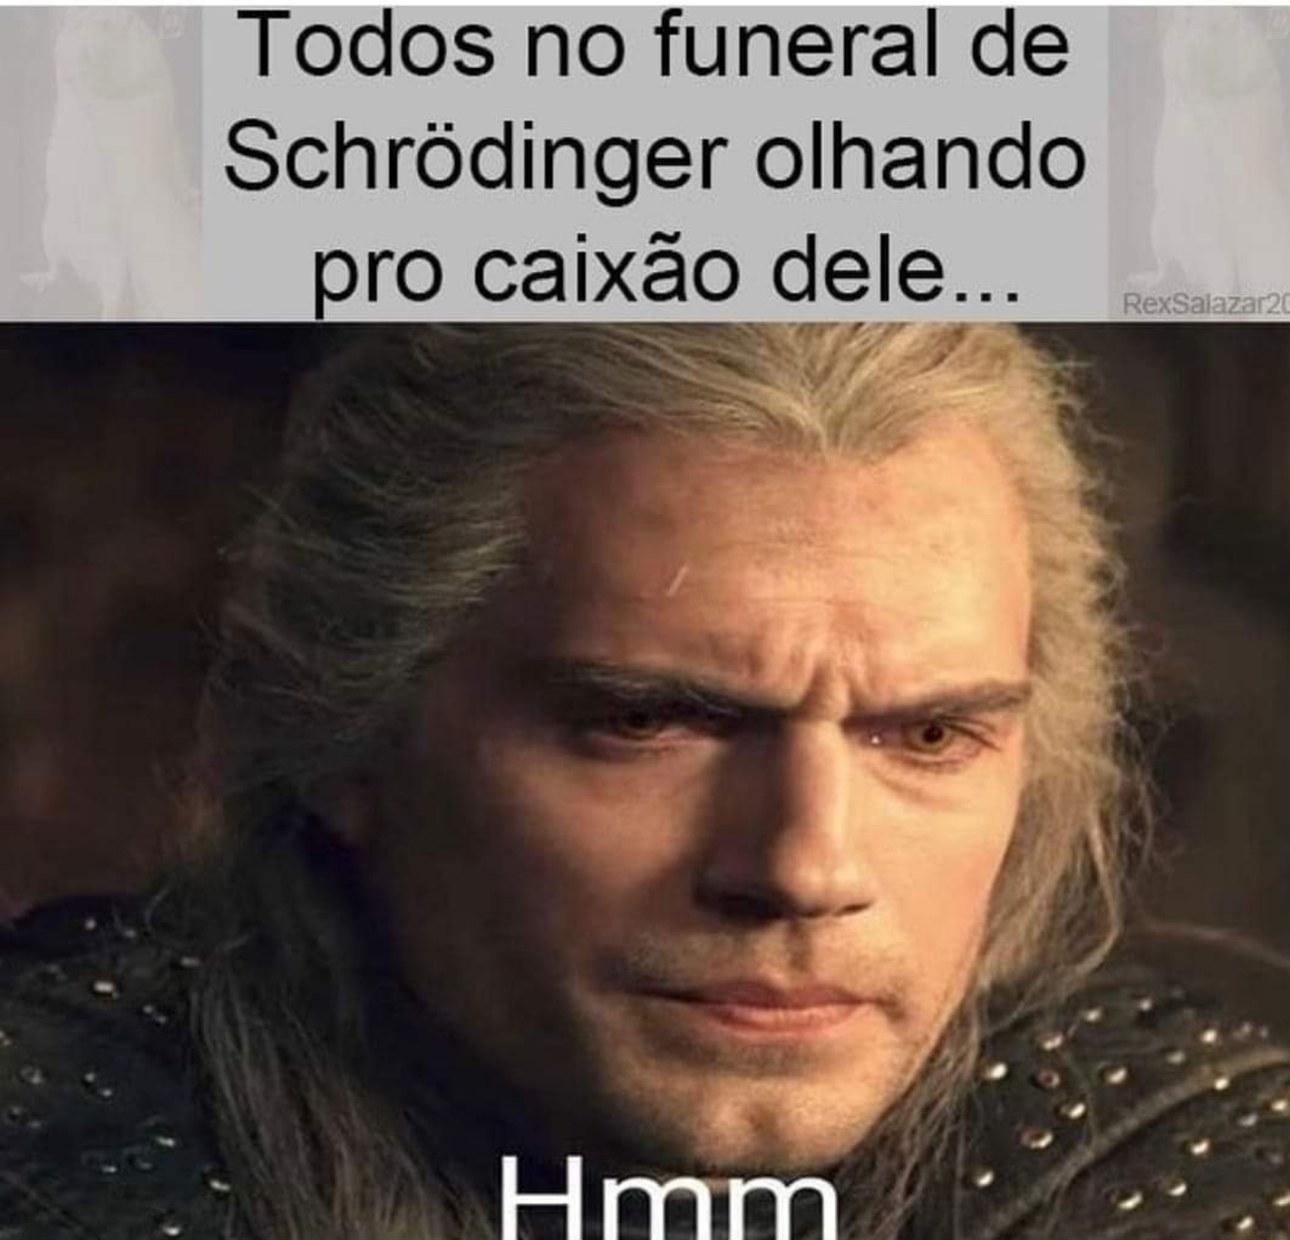 Aí o funeral é de caixão aberto, tirei a graça do bagulho antes msm de ser postado. Kkkk - meme